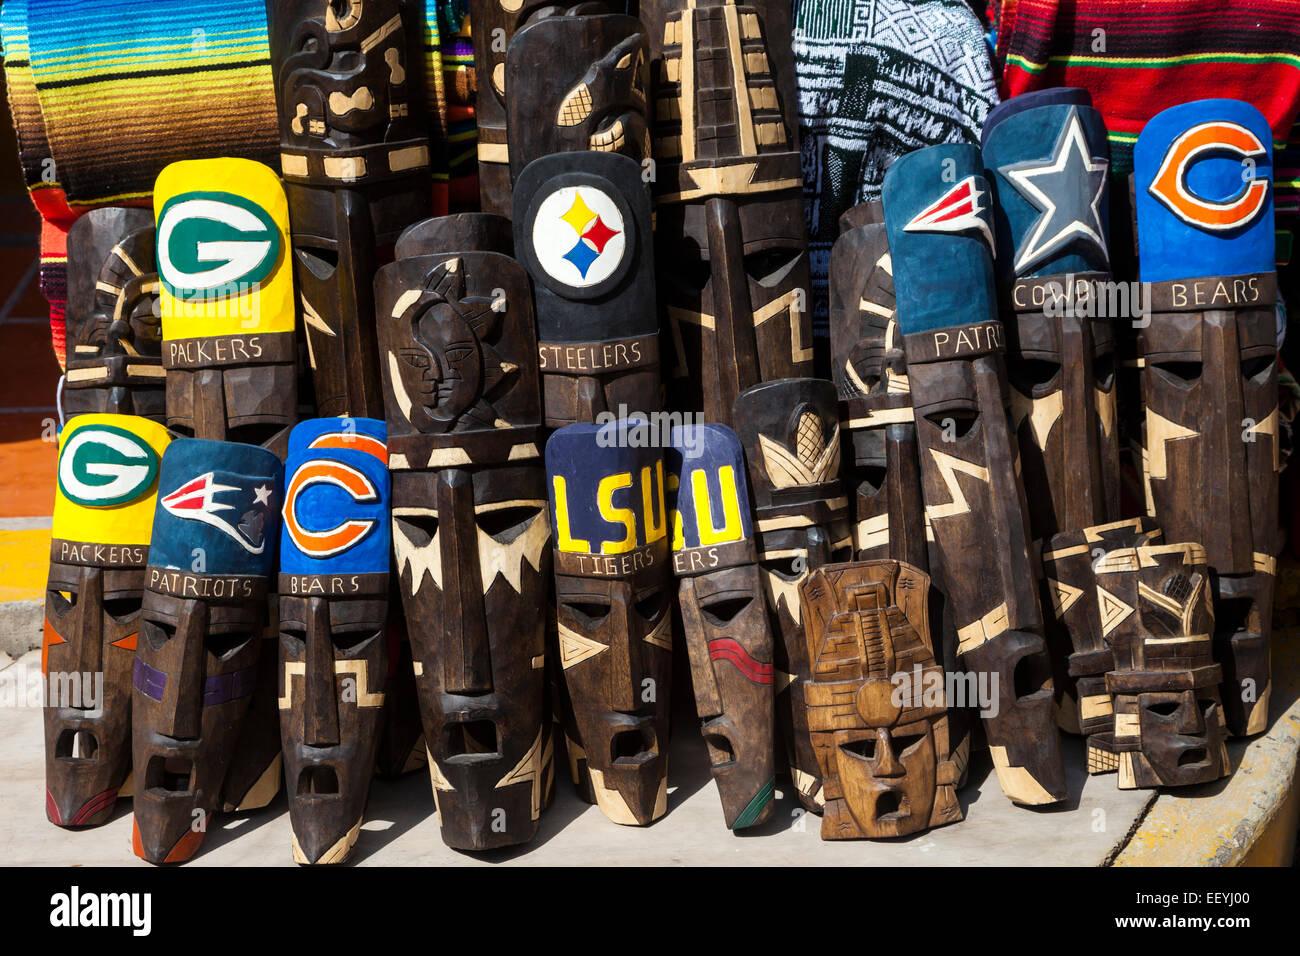 05e4d036962 Souvenir Shops Selling Masks with Names of U.S. Football Teams. Playa del  Carmen